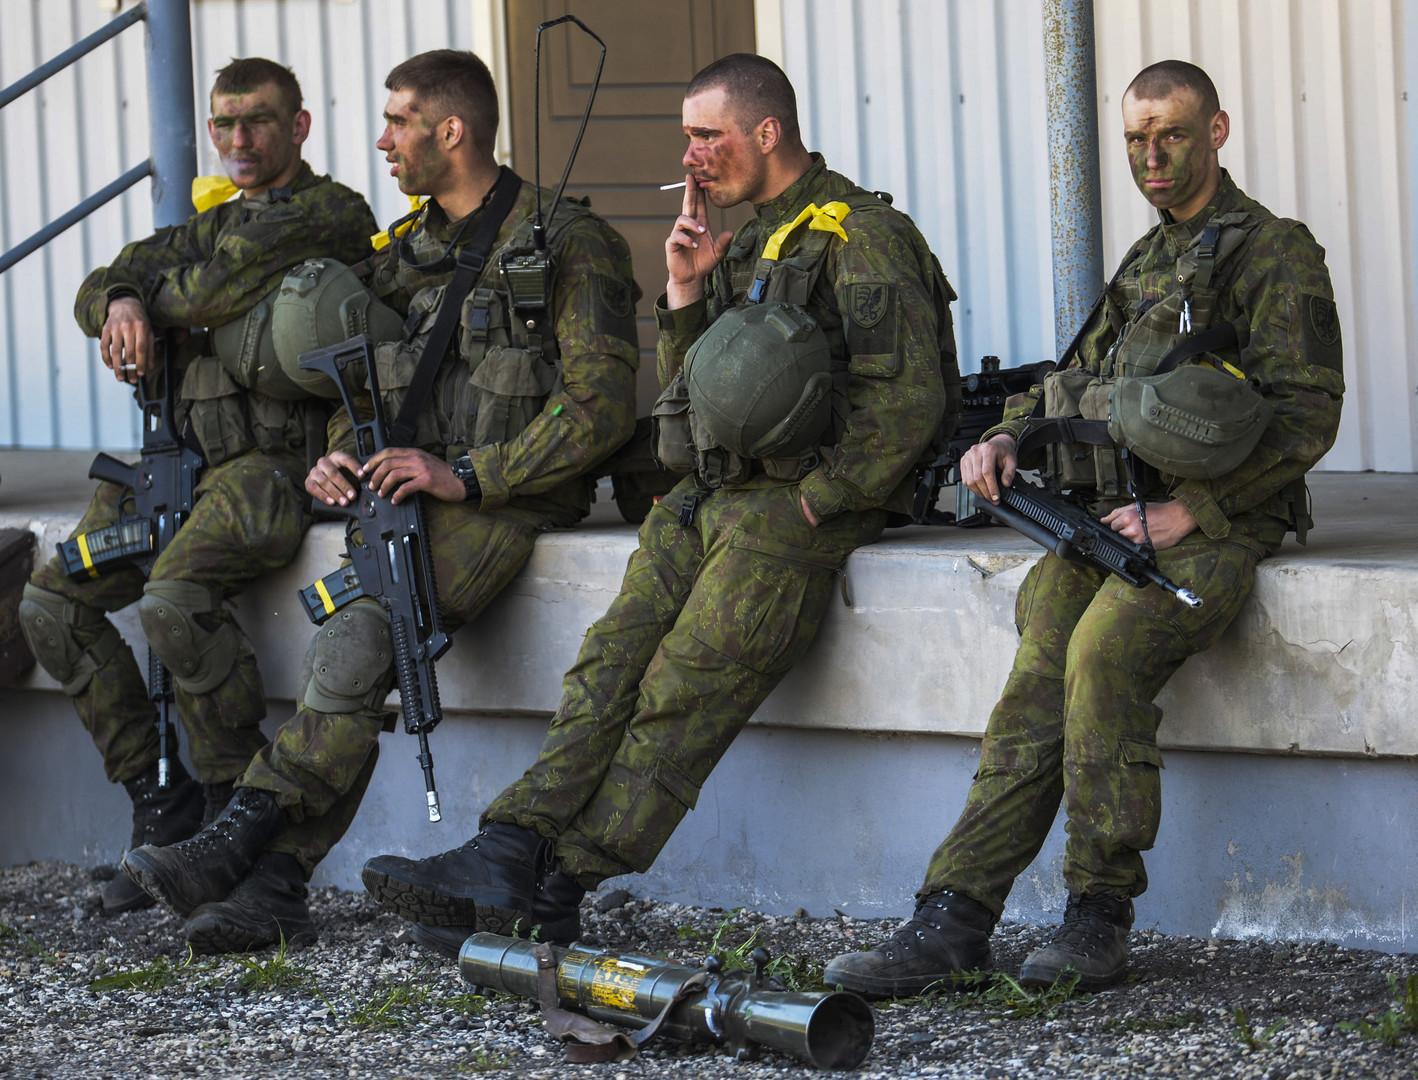 Силы медленного реагирования: кому доверяют свою безопасность европейцы